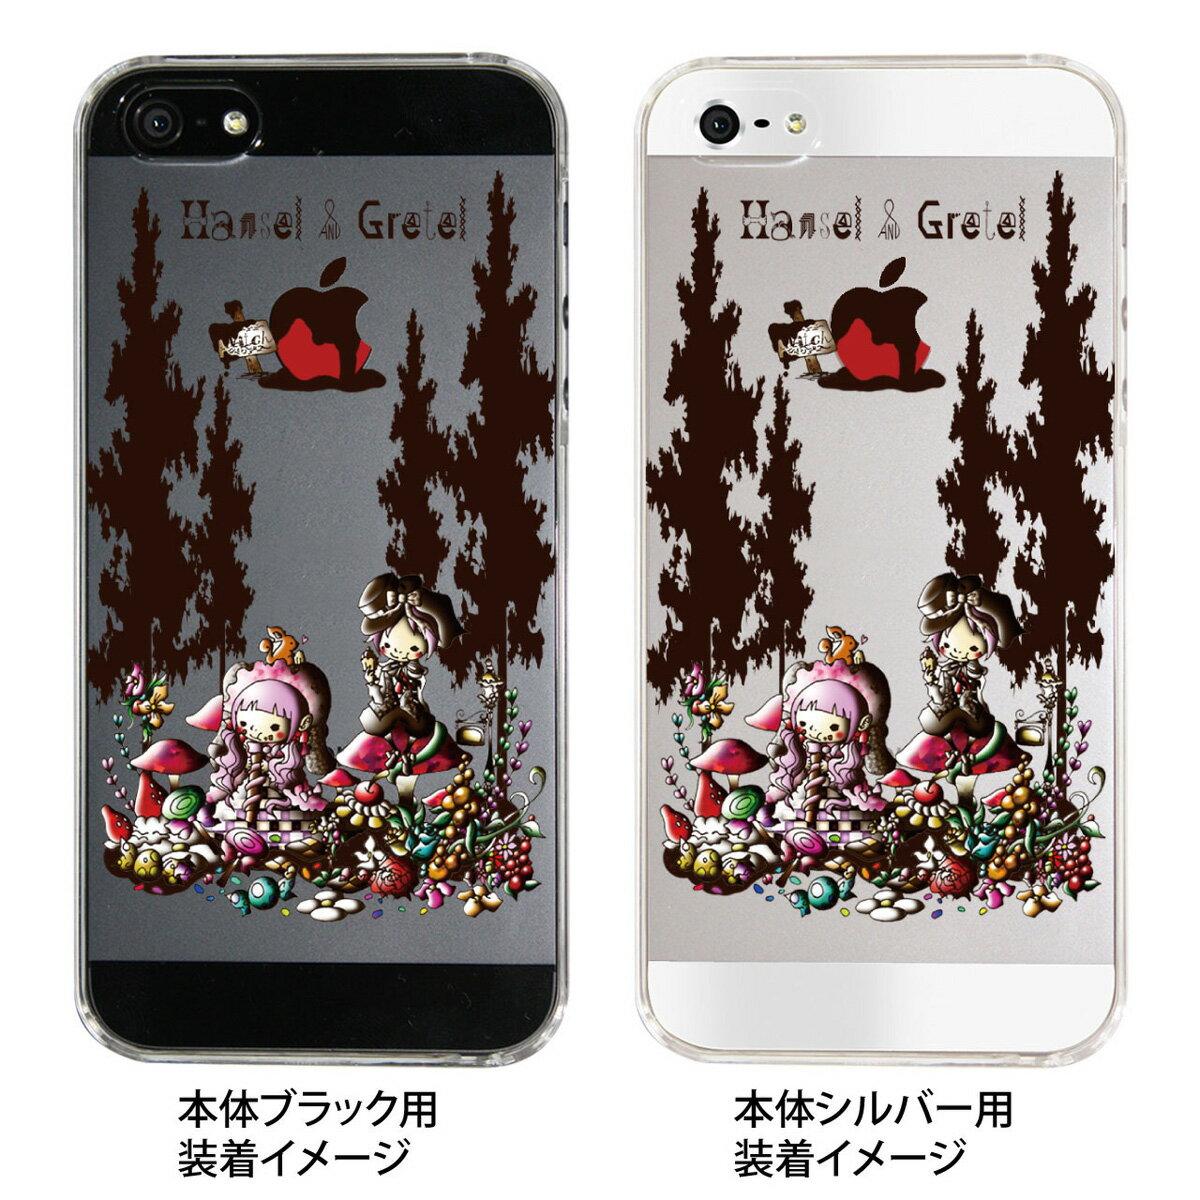 【iPhone5S】【iPhone5】【Little World】【iPhone5ケース】【カバー】【スマホケース】【クリアケース】【ヘンゼルとグレーテル】【グリム童話】【お菓子の家】 ip5-25-am0026